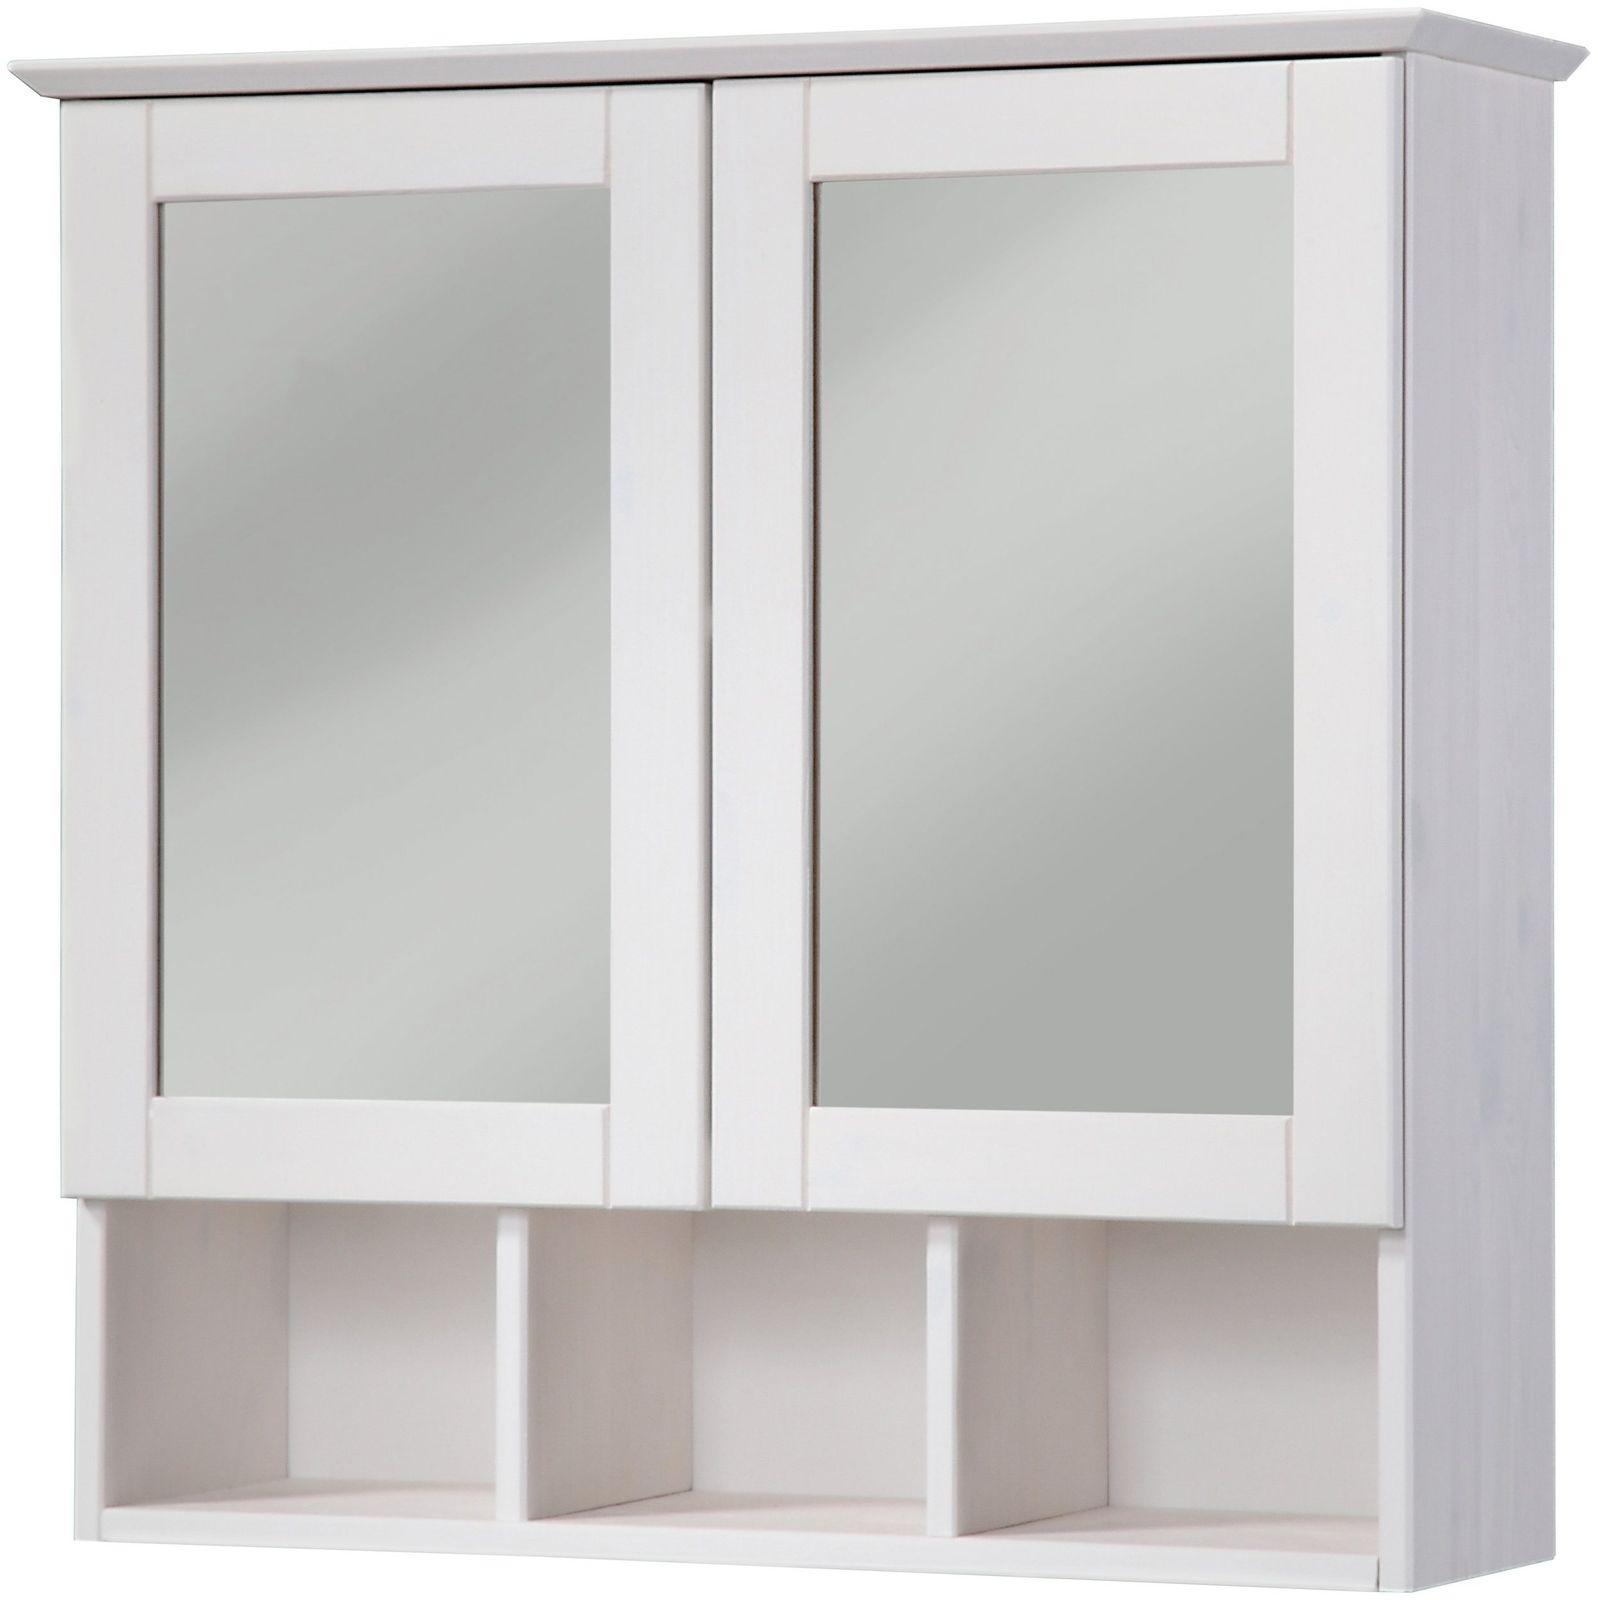 Spiegelschrank Badschrank Spiegel Hängeschrank weiß UVP 79, 99 ...